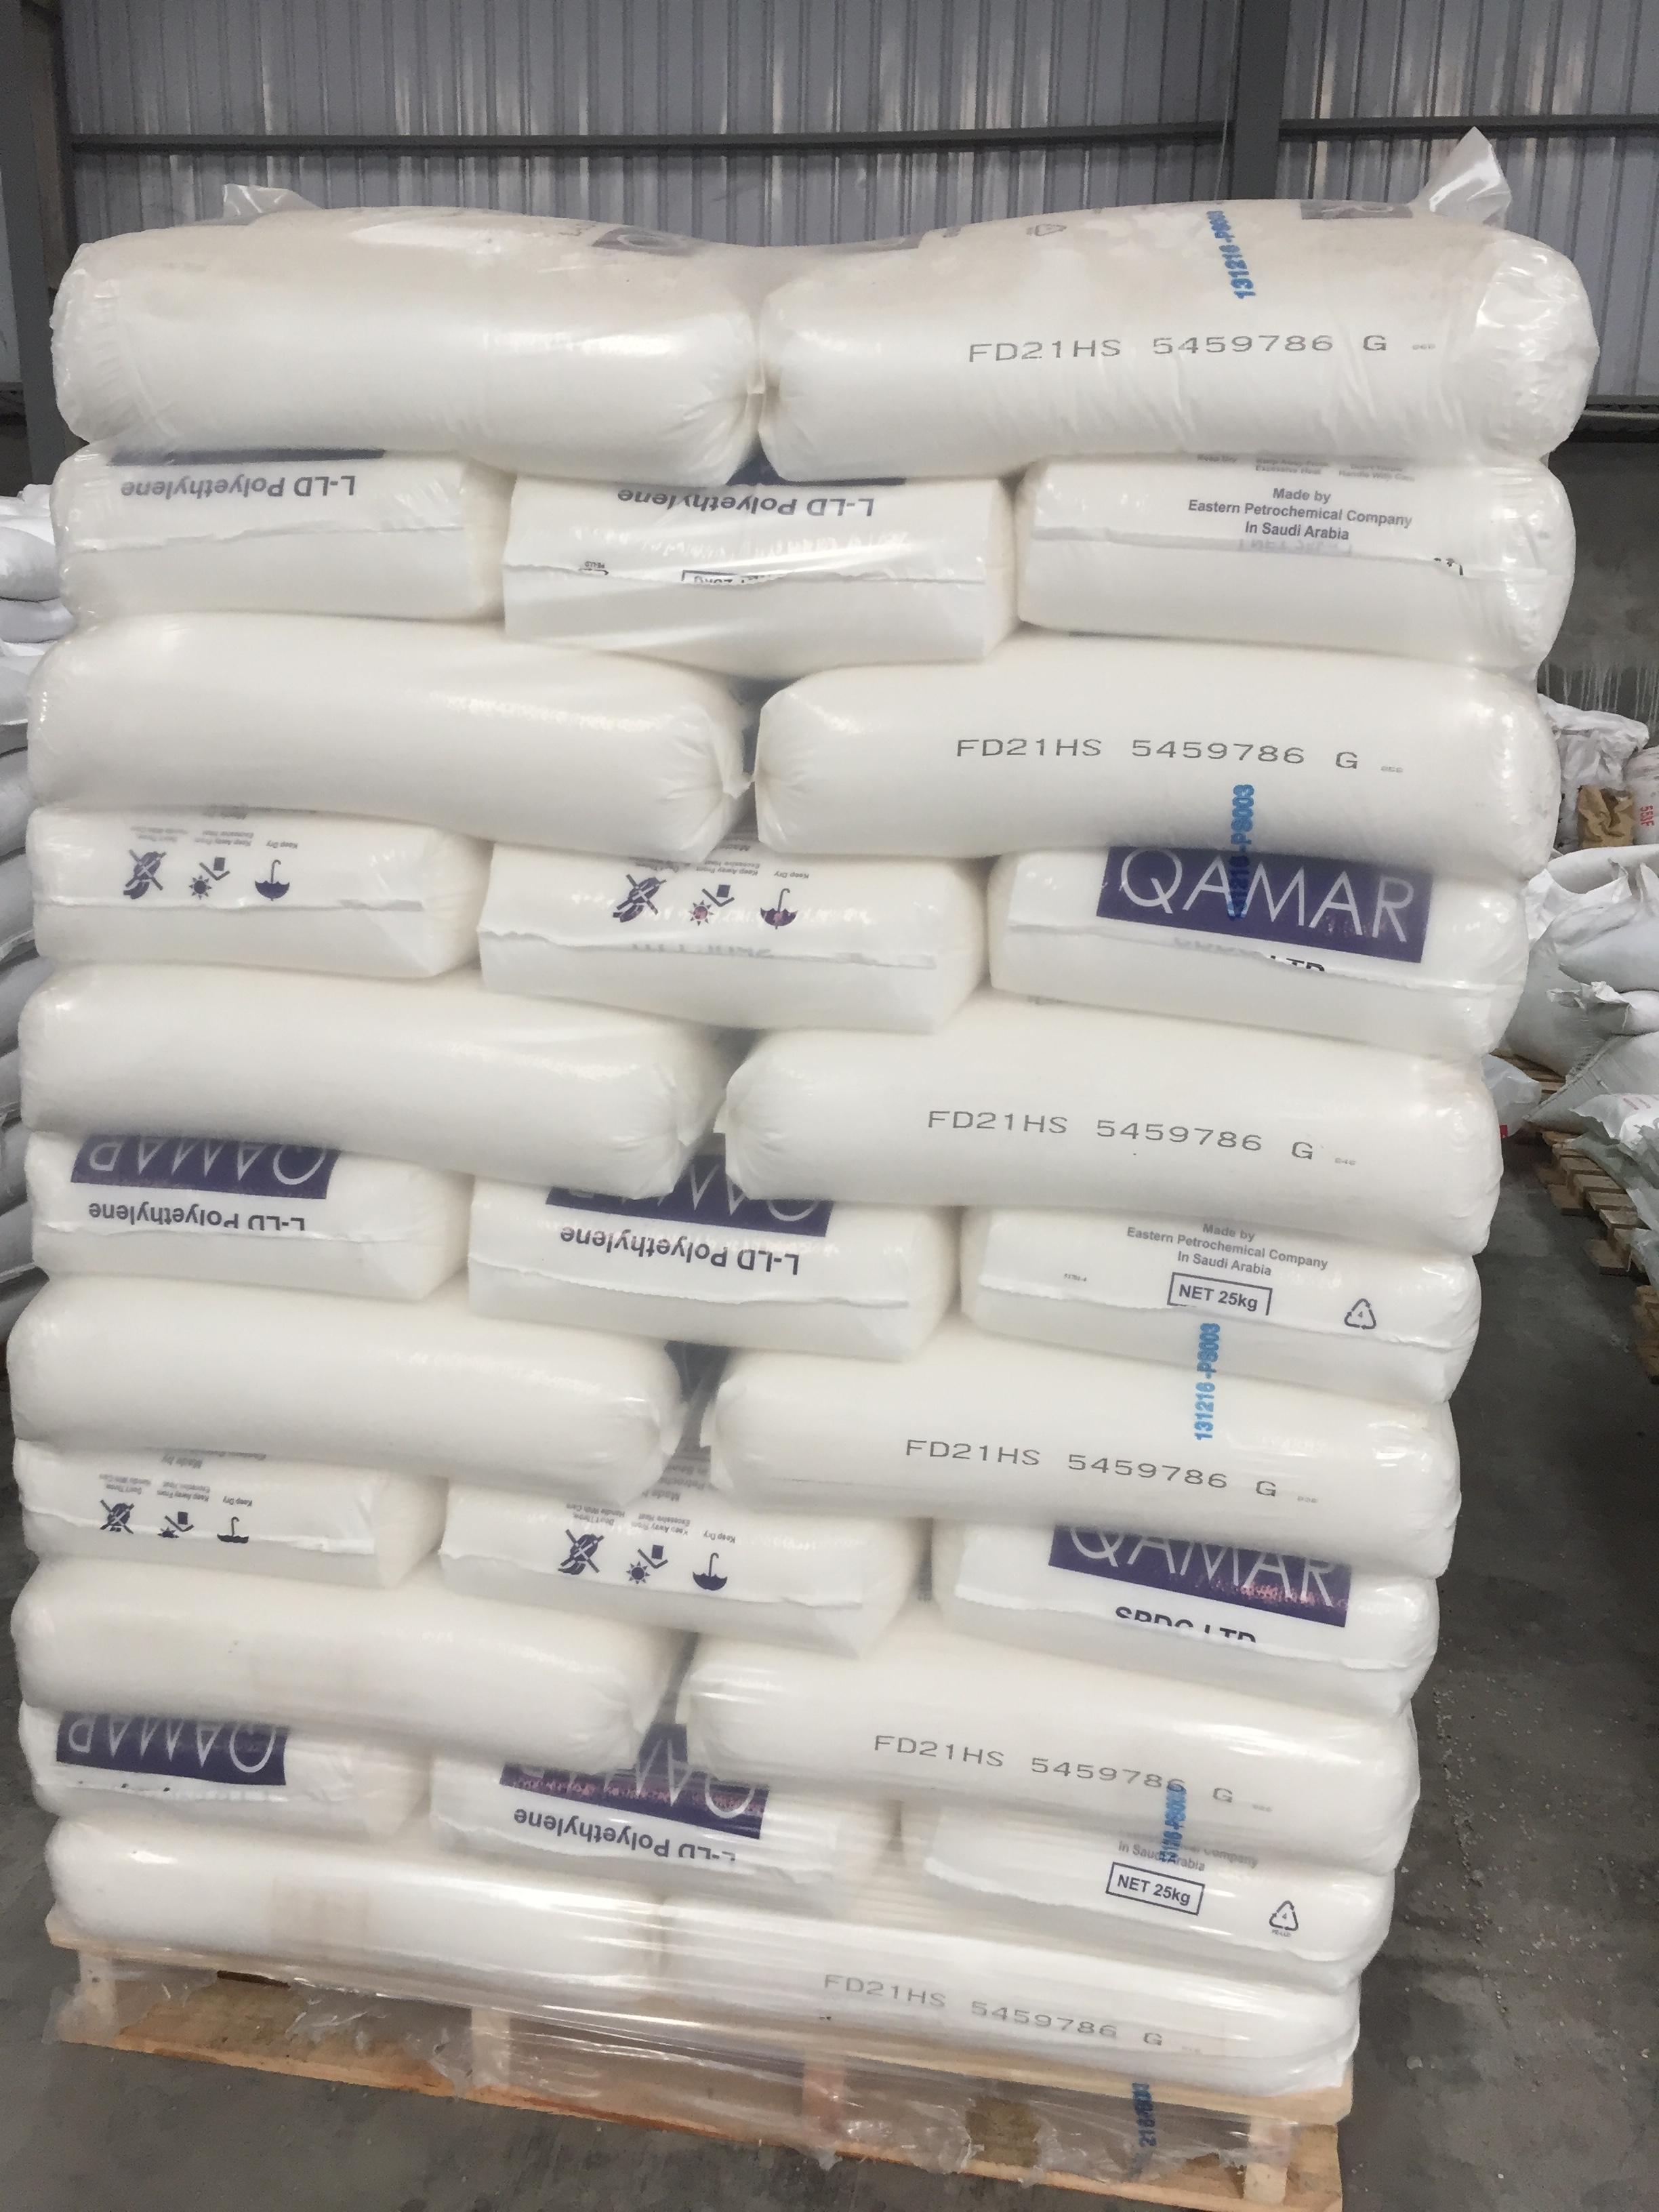 Hạt nhựa nguyên sinh, hạt nhựa tái sinh, sản xuất các loại bao bì theo yêu cầu